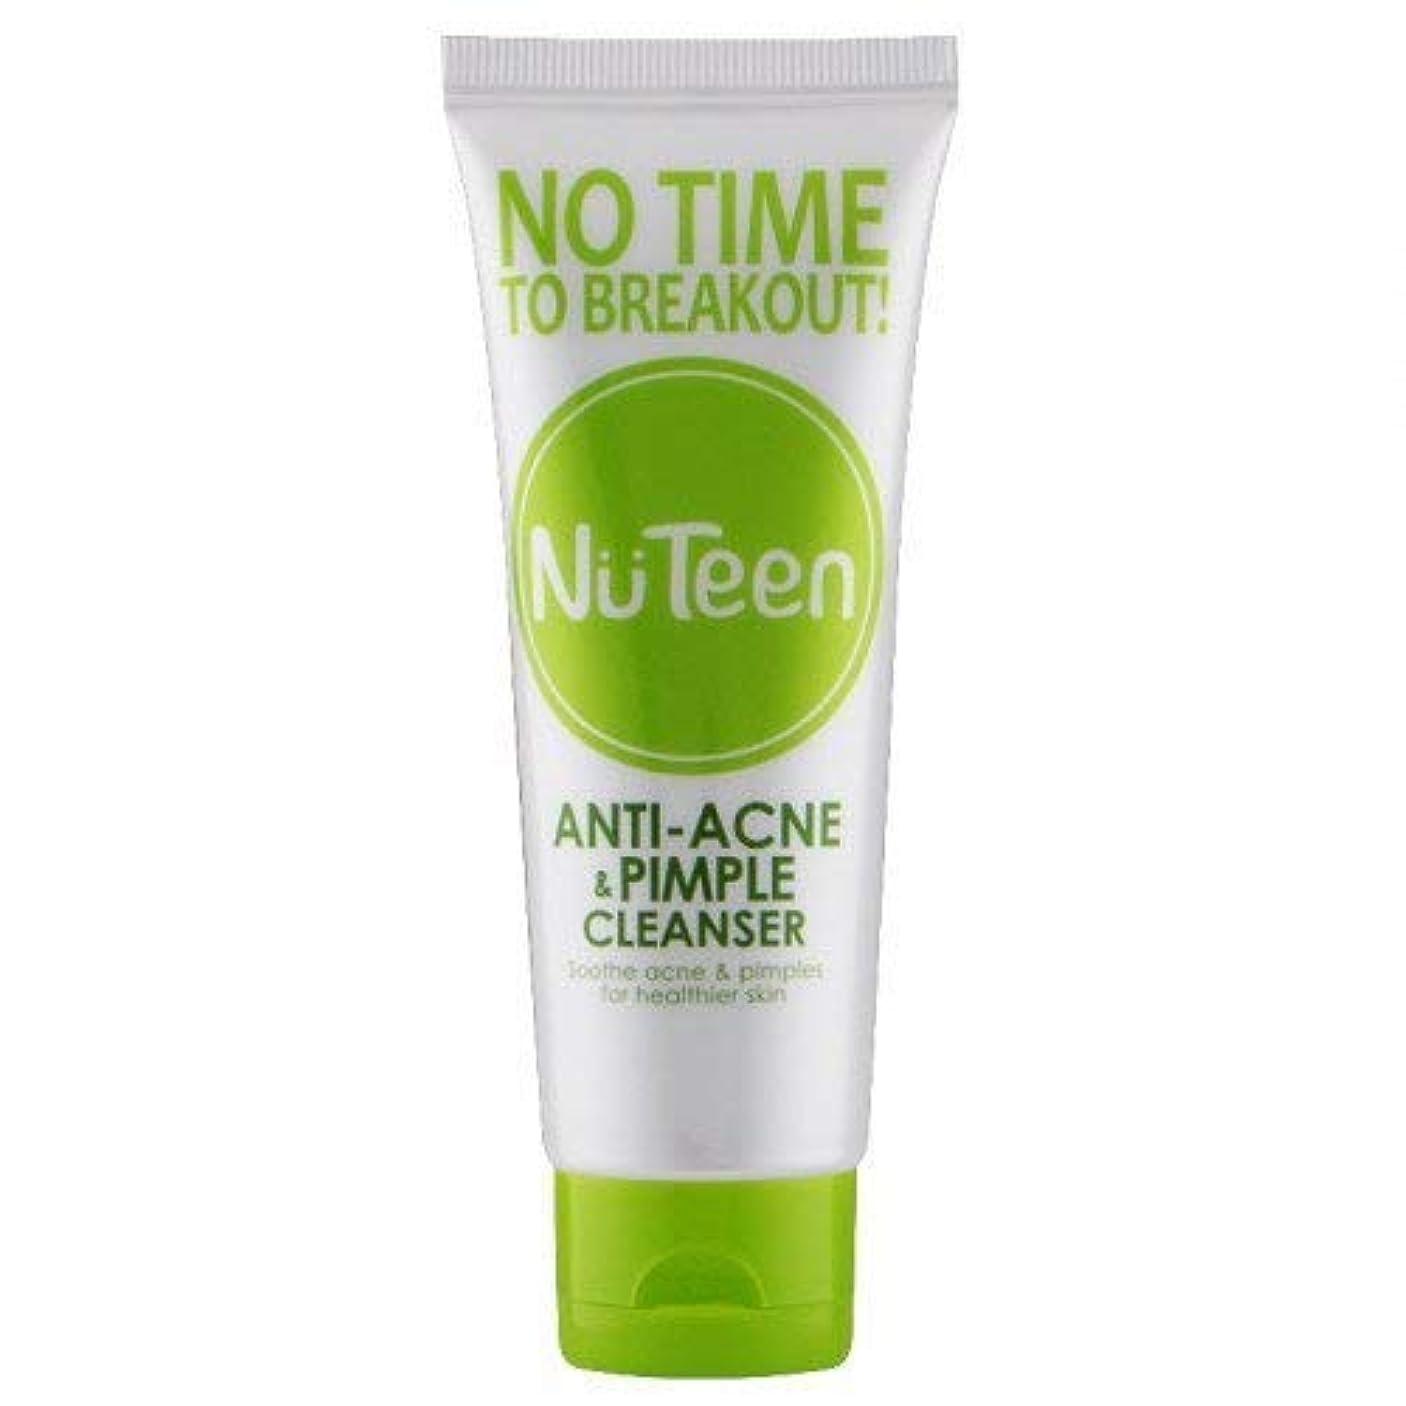 アスペクト非常に怒っていますシャッフルNuteen 抗ニキビや吹き出物洗顔料は優しく効果的にきれい100g-乾燥せずに余分な油や汚れを取り除きます